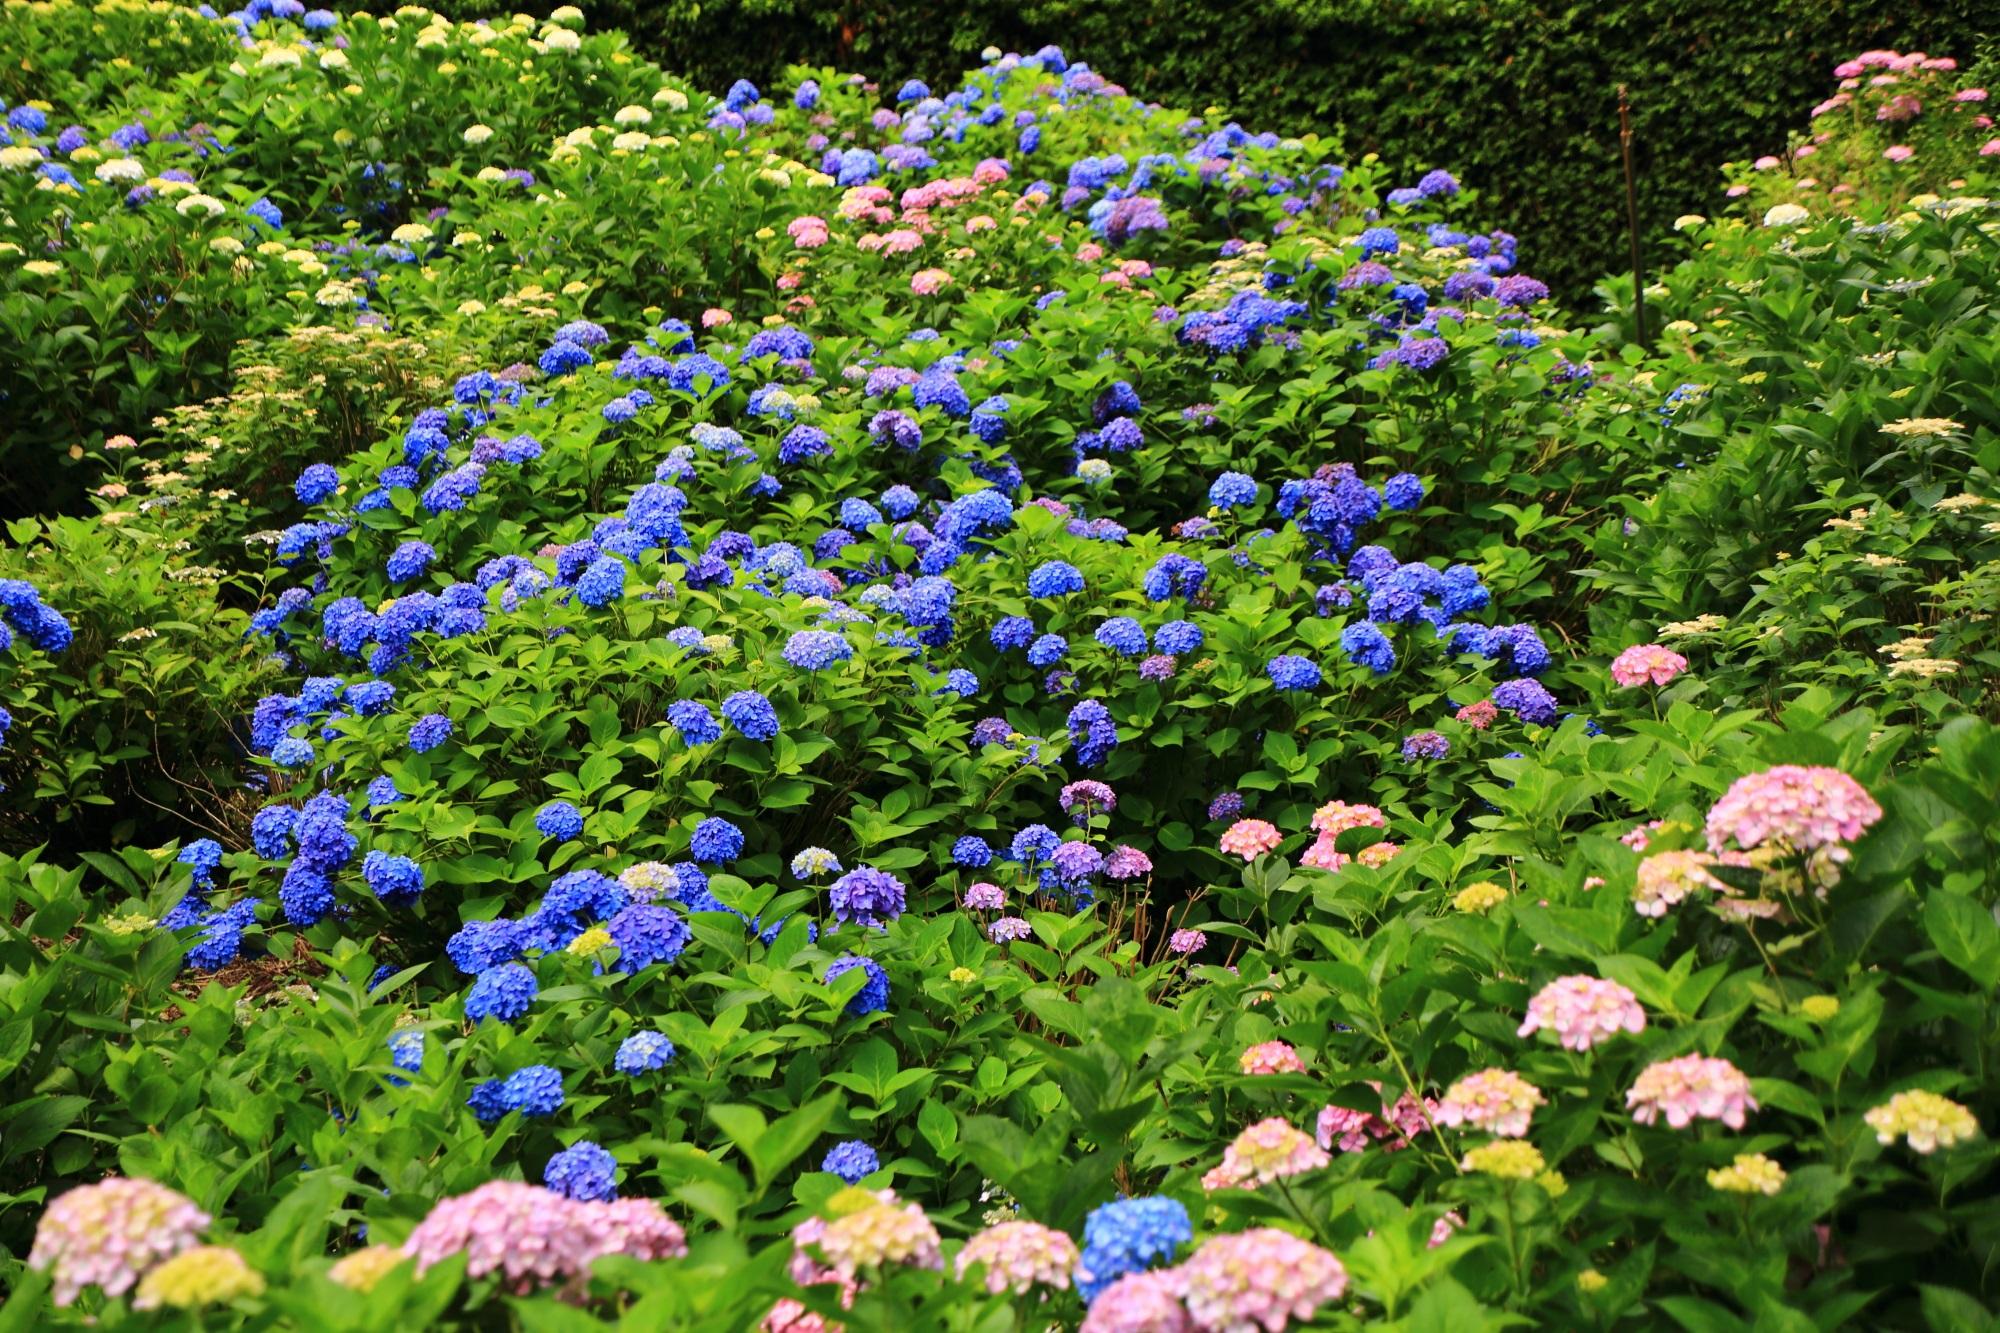 三室戸寺のあじさい園入り口付近の紫陽花